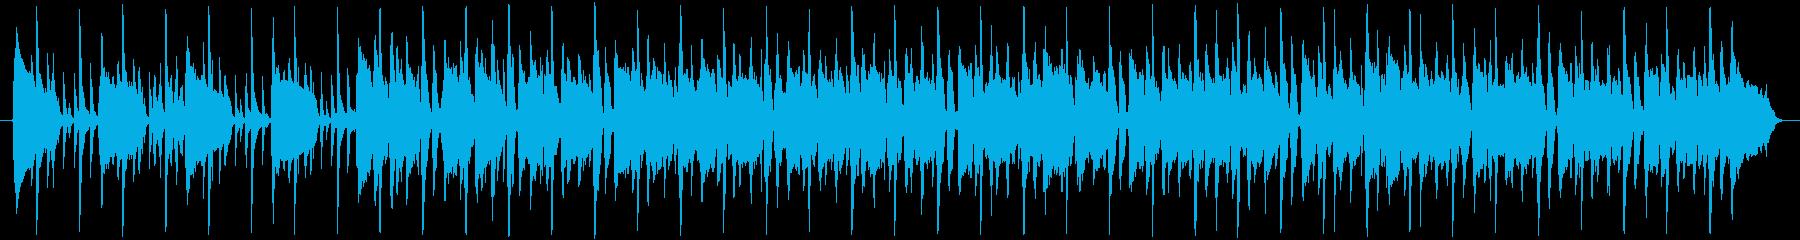 カッティングが印象的なファンクの再生済みの波形